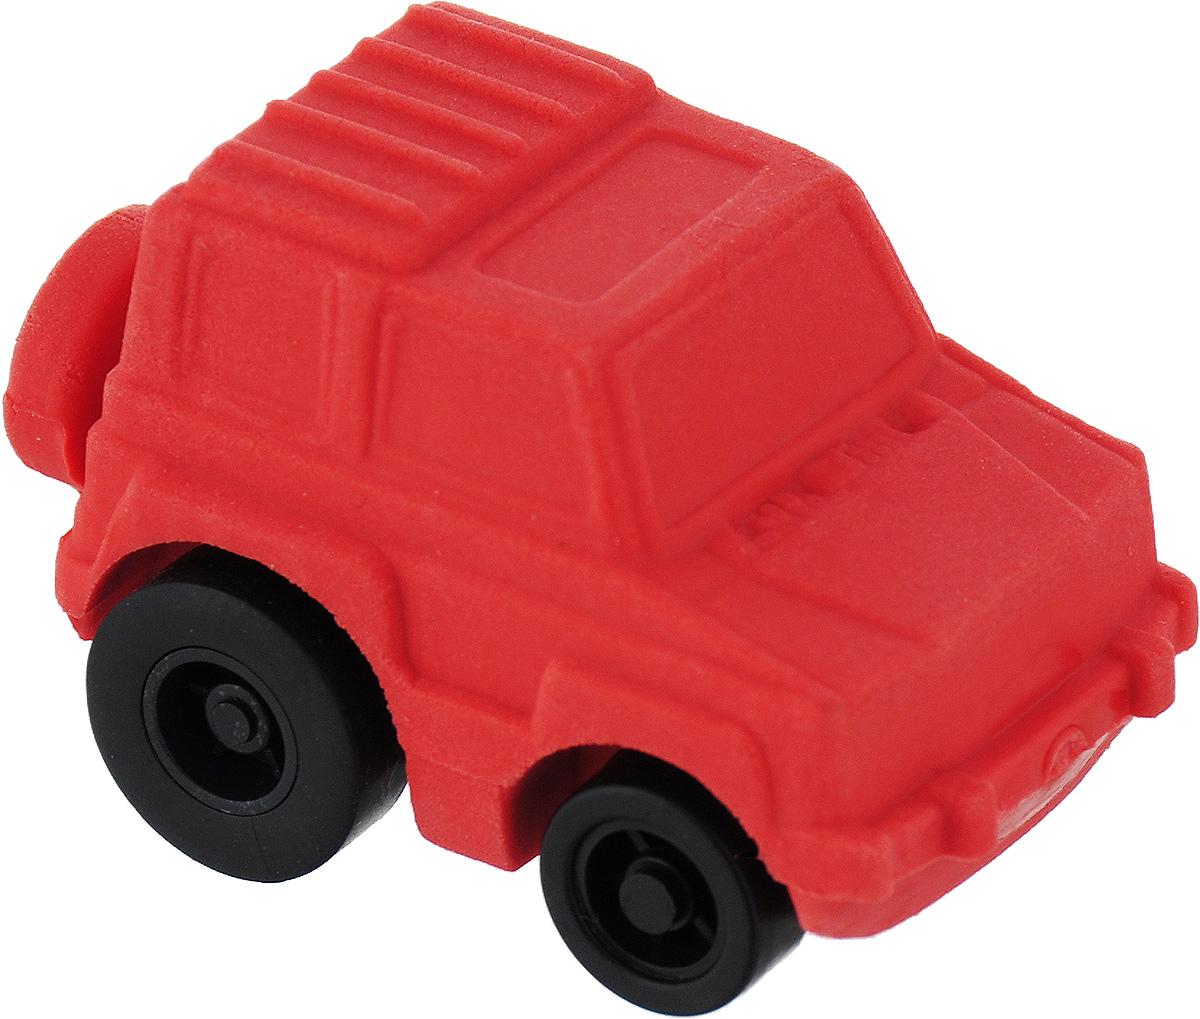 все цены на Brunnen Ластик Машинка,цвет красный вид 2 в интернете